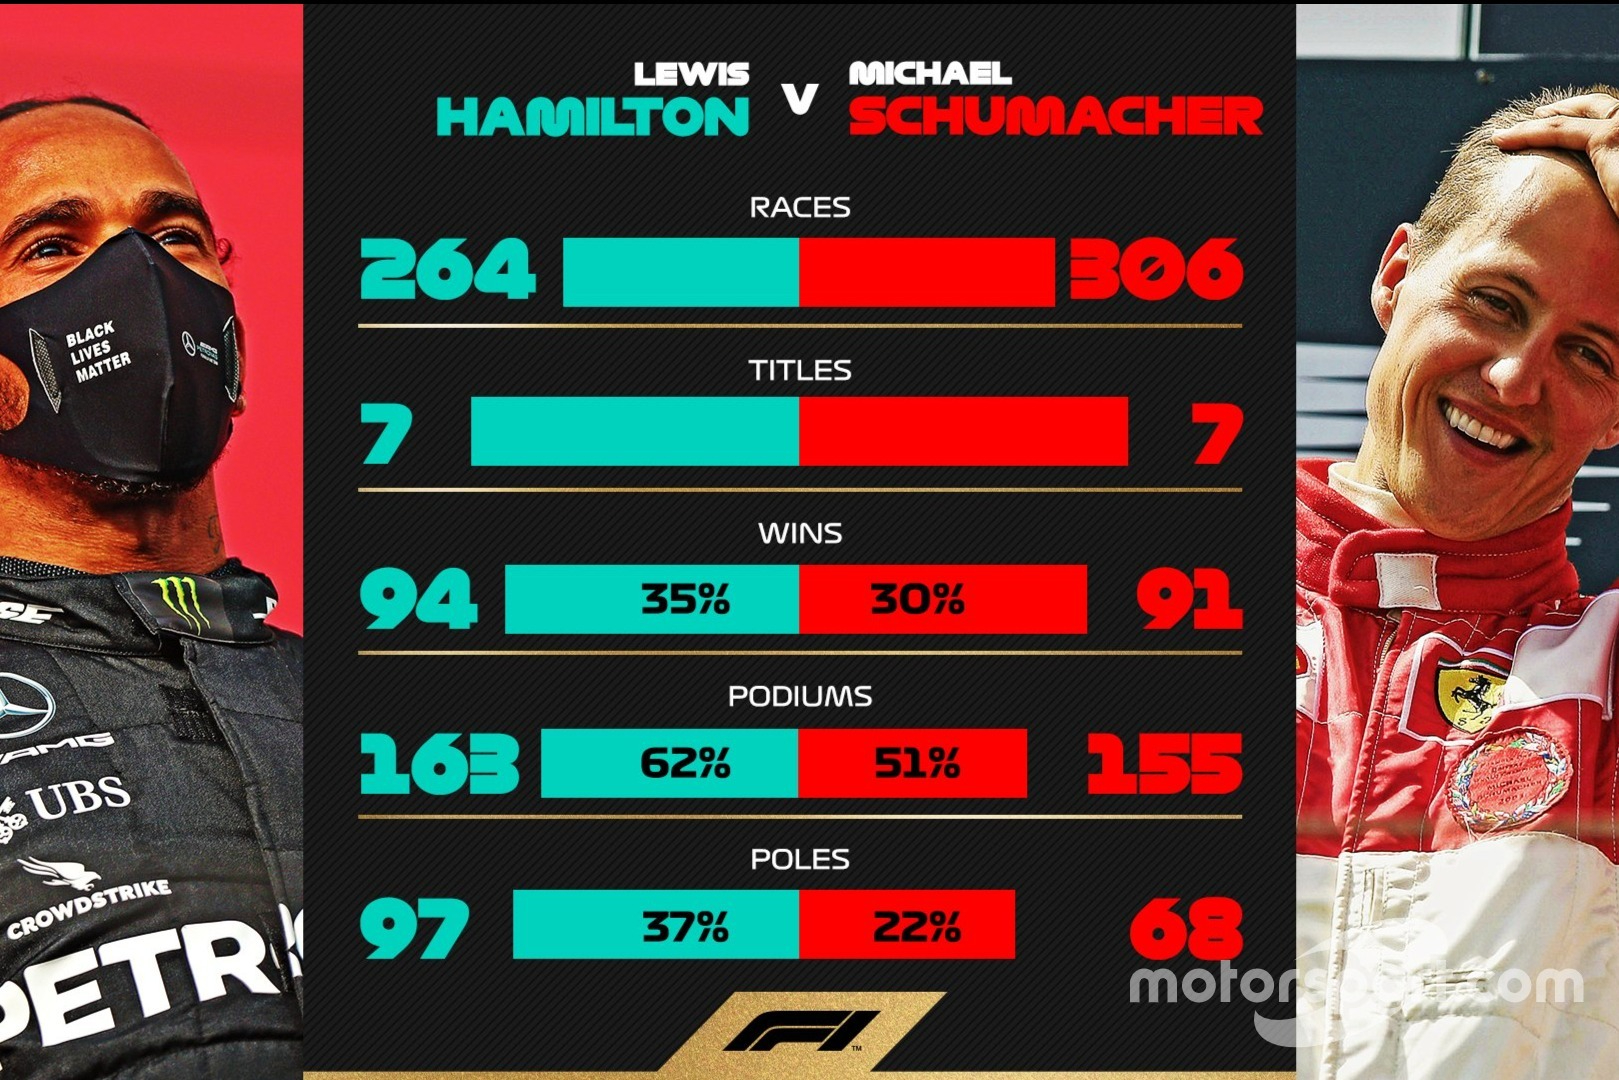 Hamilton vs Schumacher